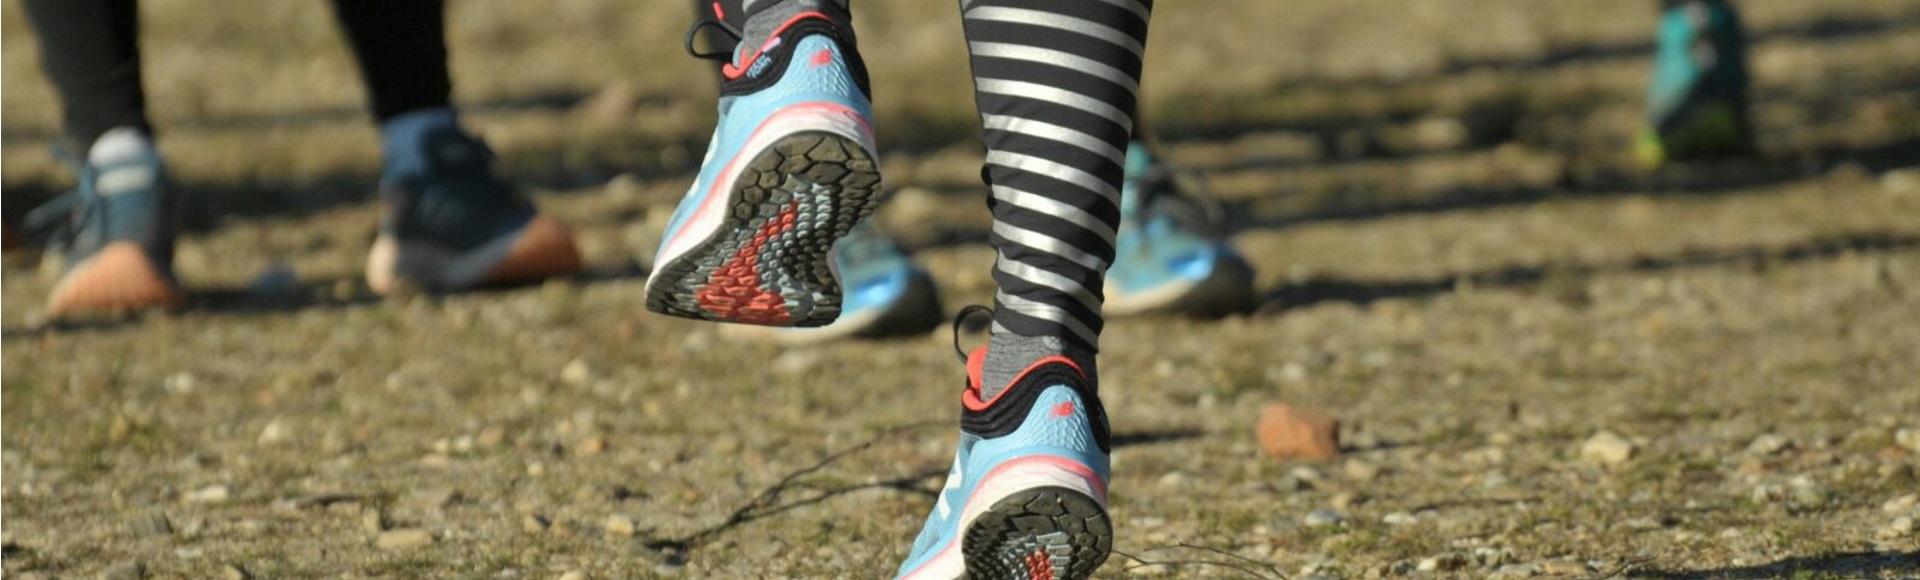 Cursussen hardlopen voor absolute beginners